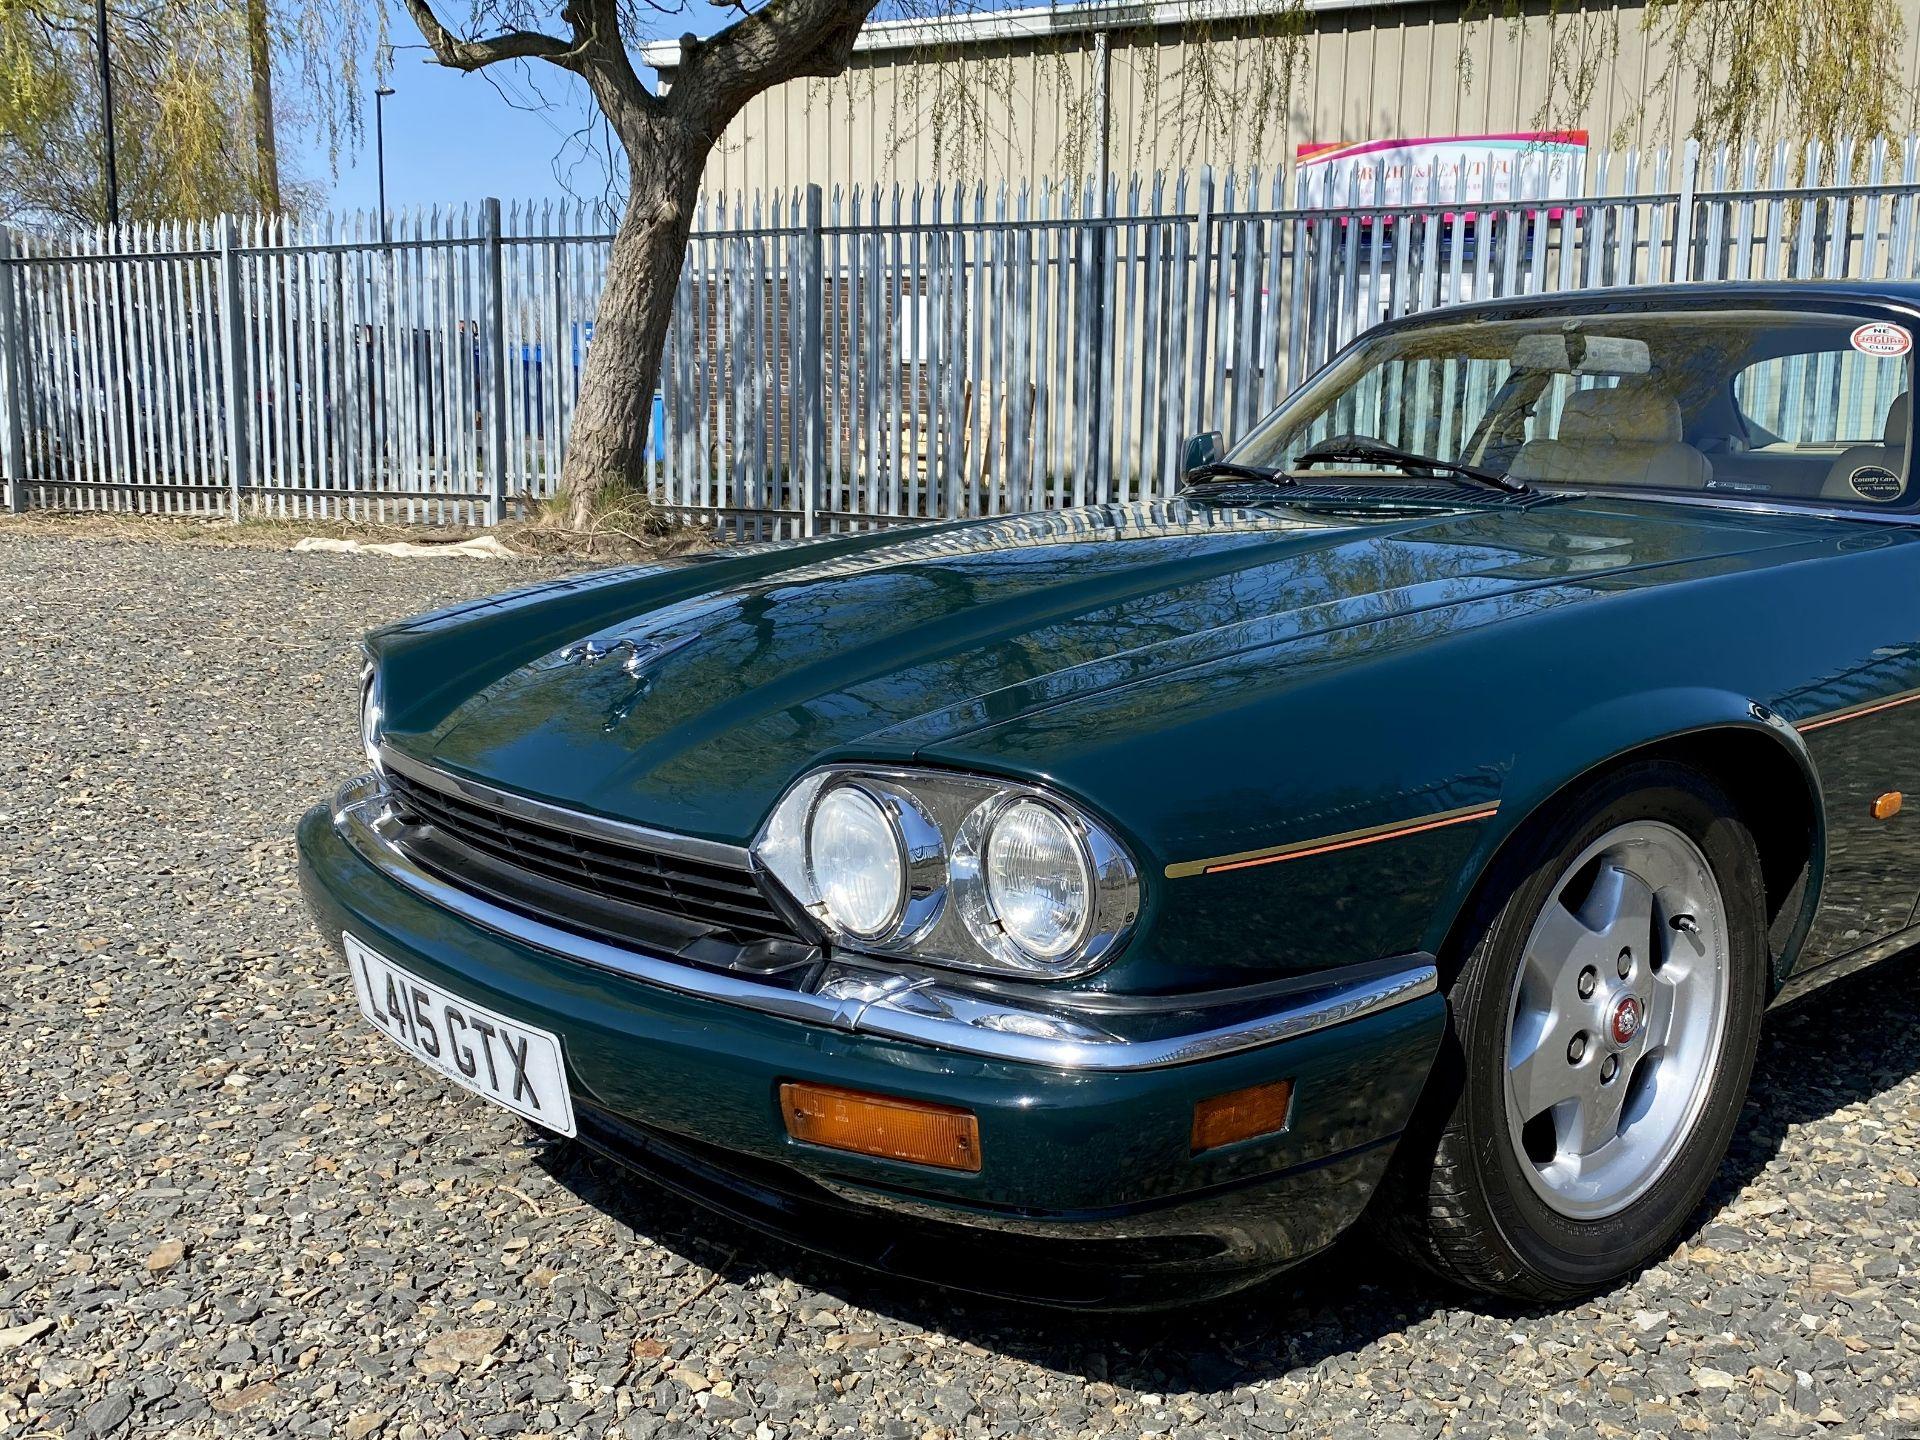 Jaguar XJS coupe - Image 20 of 64